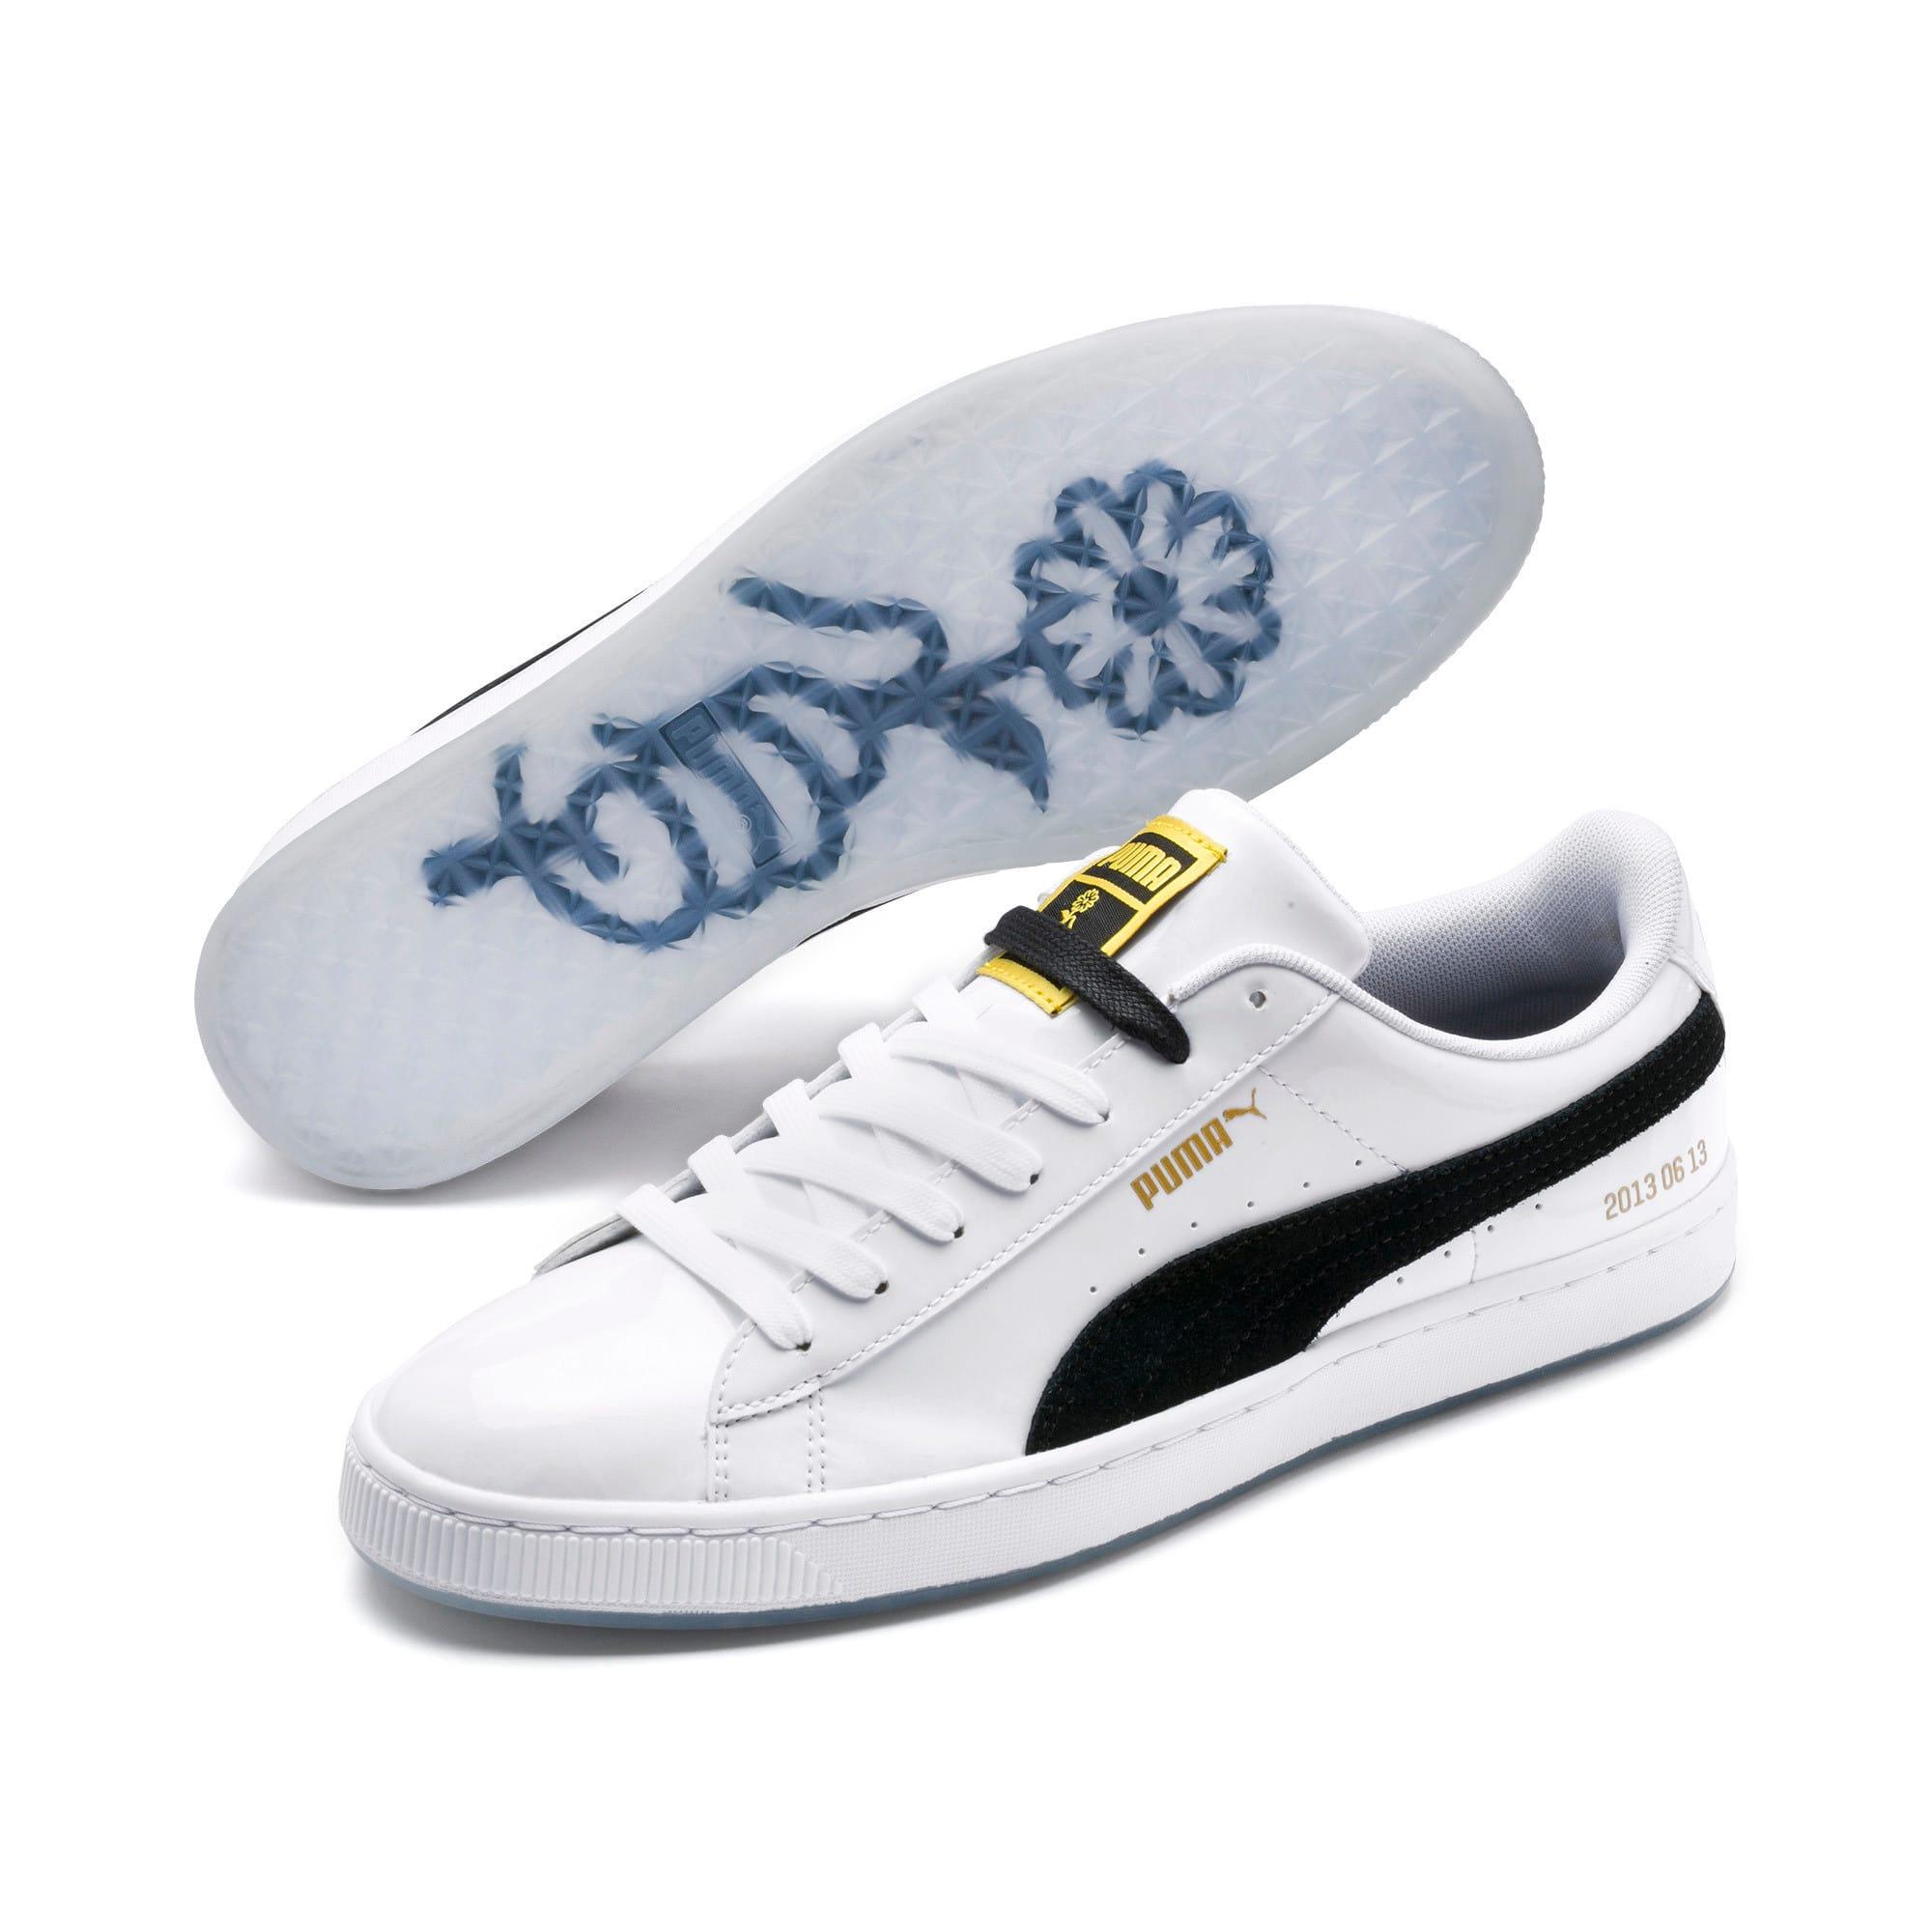 premium selection c282d 20023 PUMA x BTS Basket Patent Sneakers